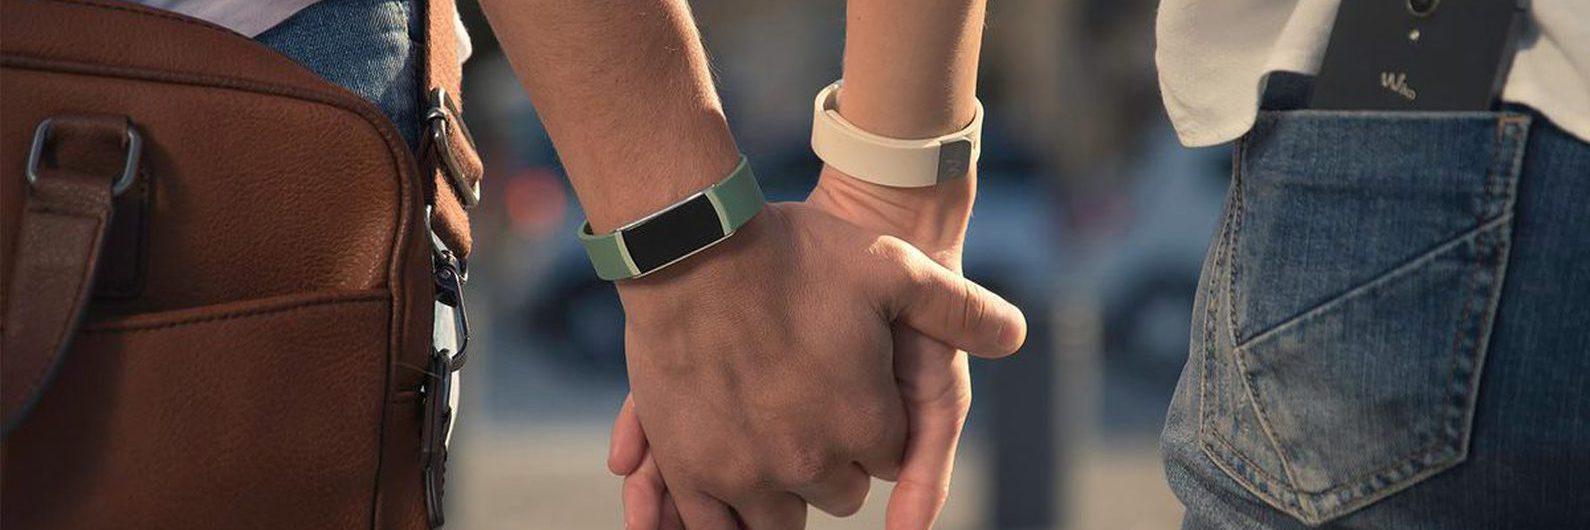 Montra TeK: 5 pulseiras de monitorização de atividade física abaixo de 50 euros